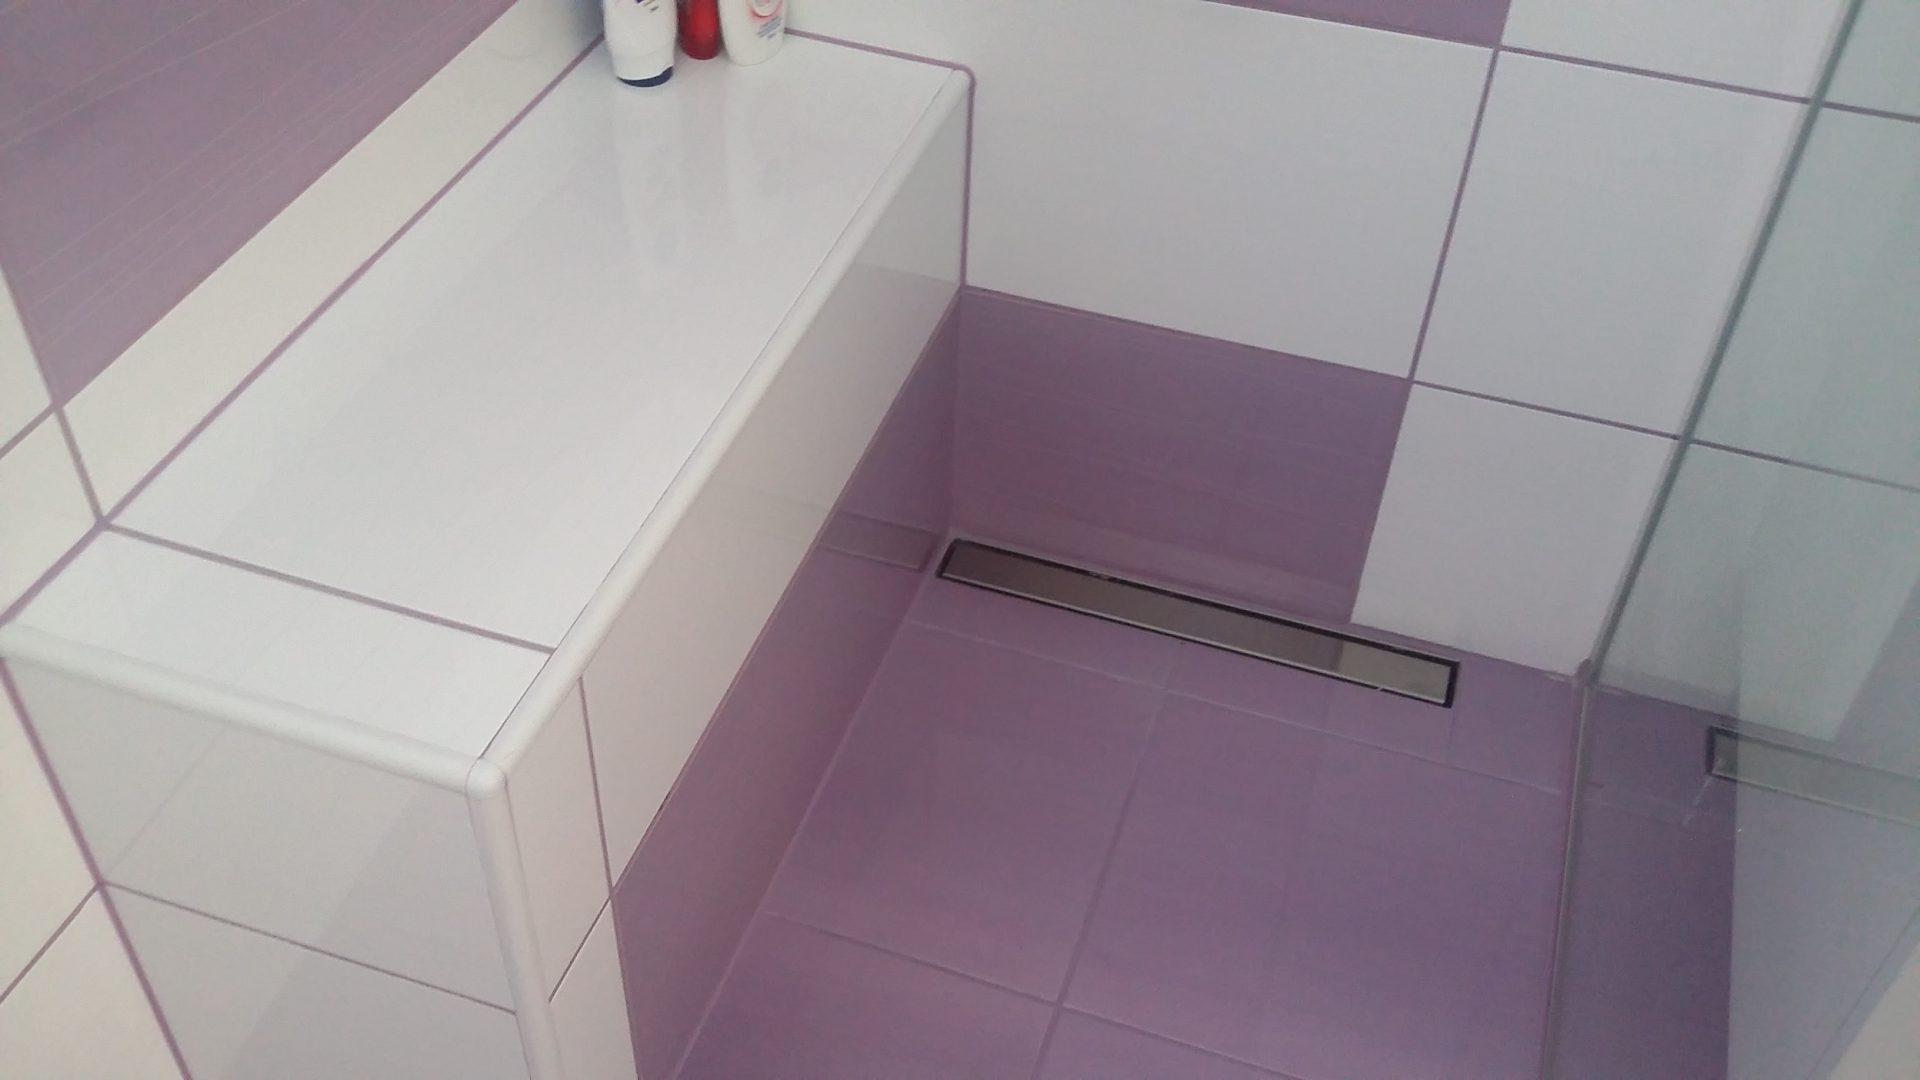 Polaganje ploščic v kopalnici 28